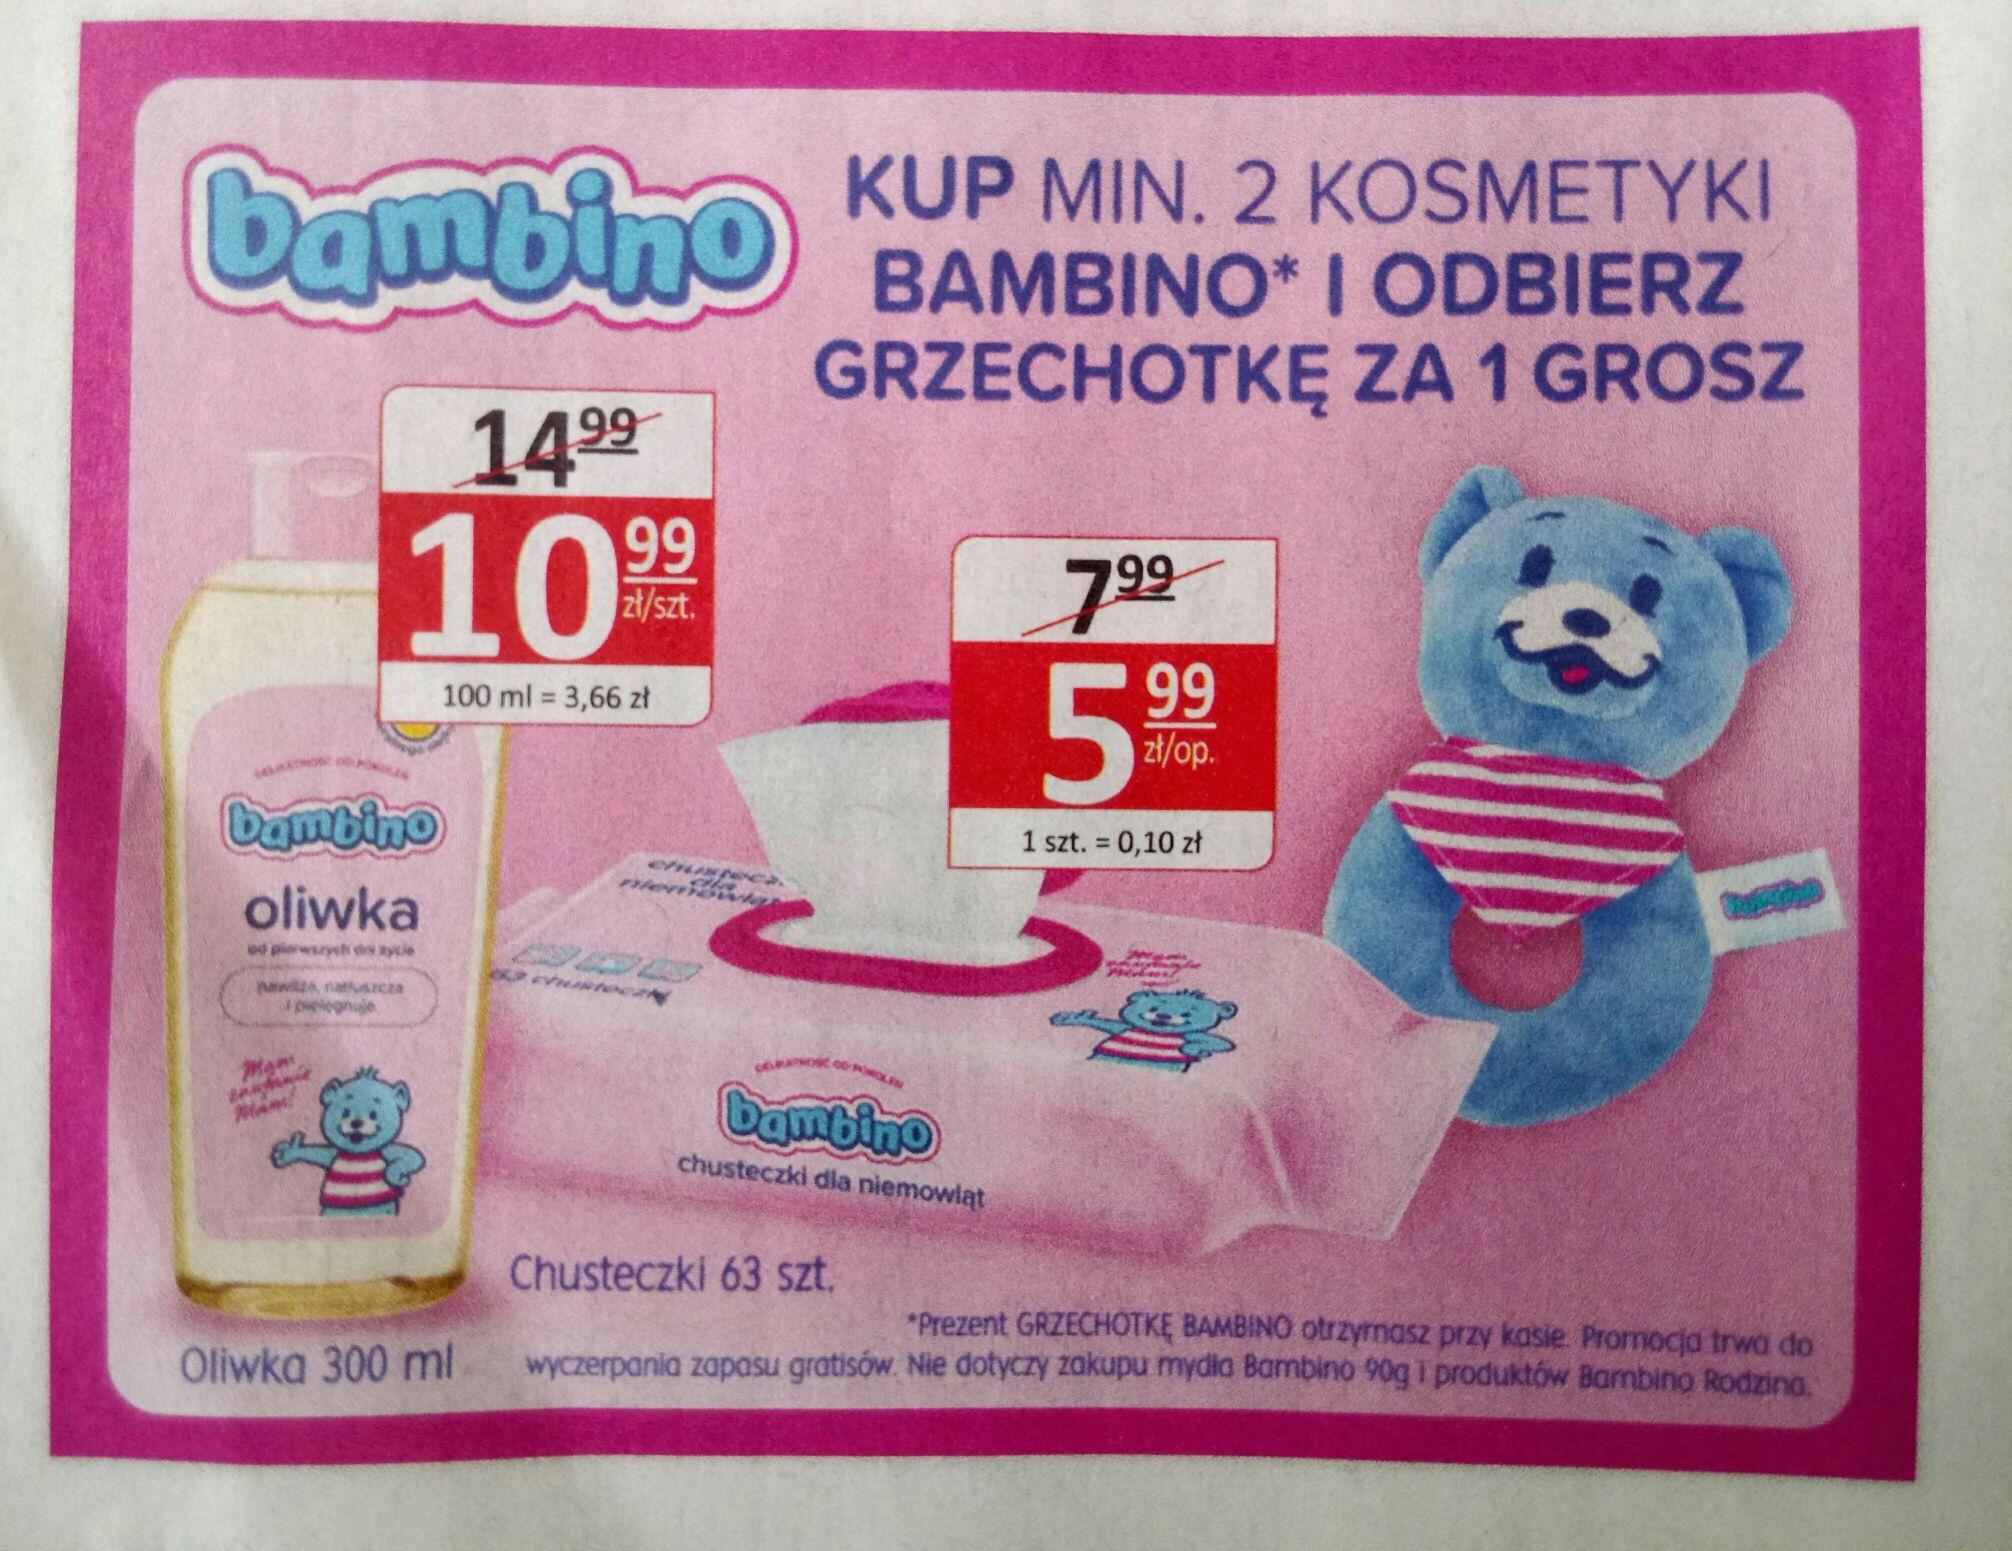 Natura Grzechotka 1gr przy zakupie dwoch produktow Bambino